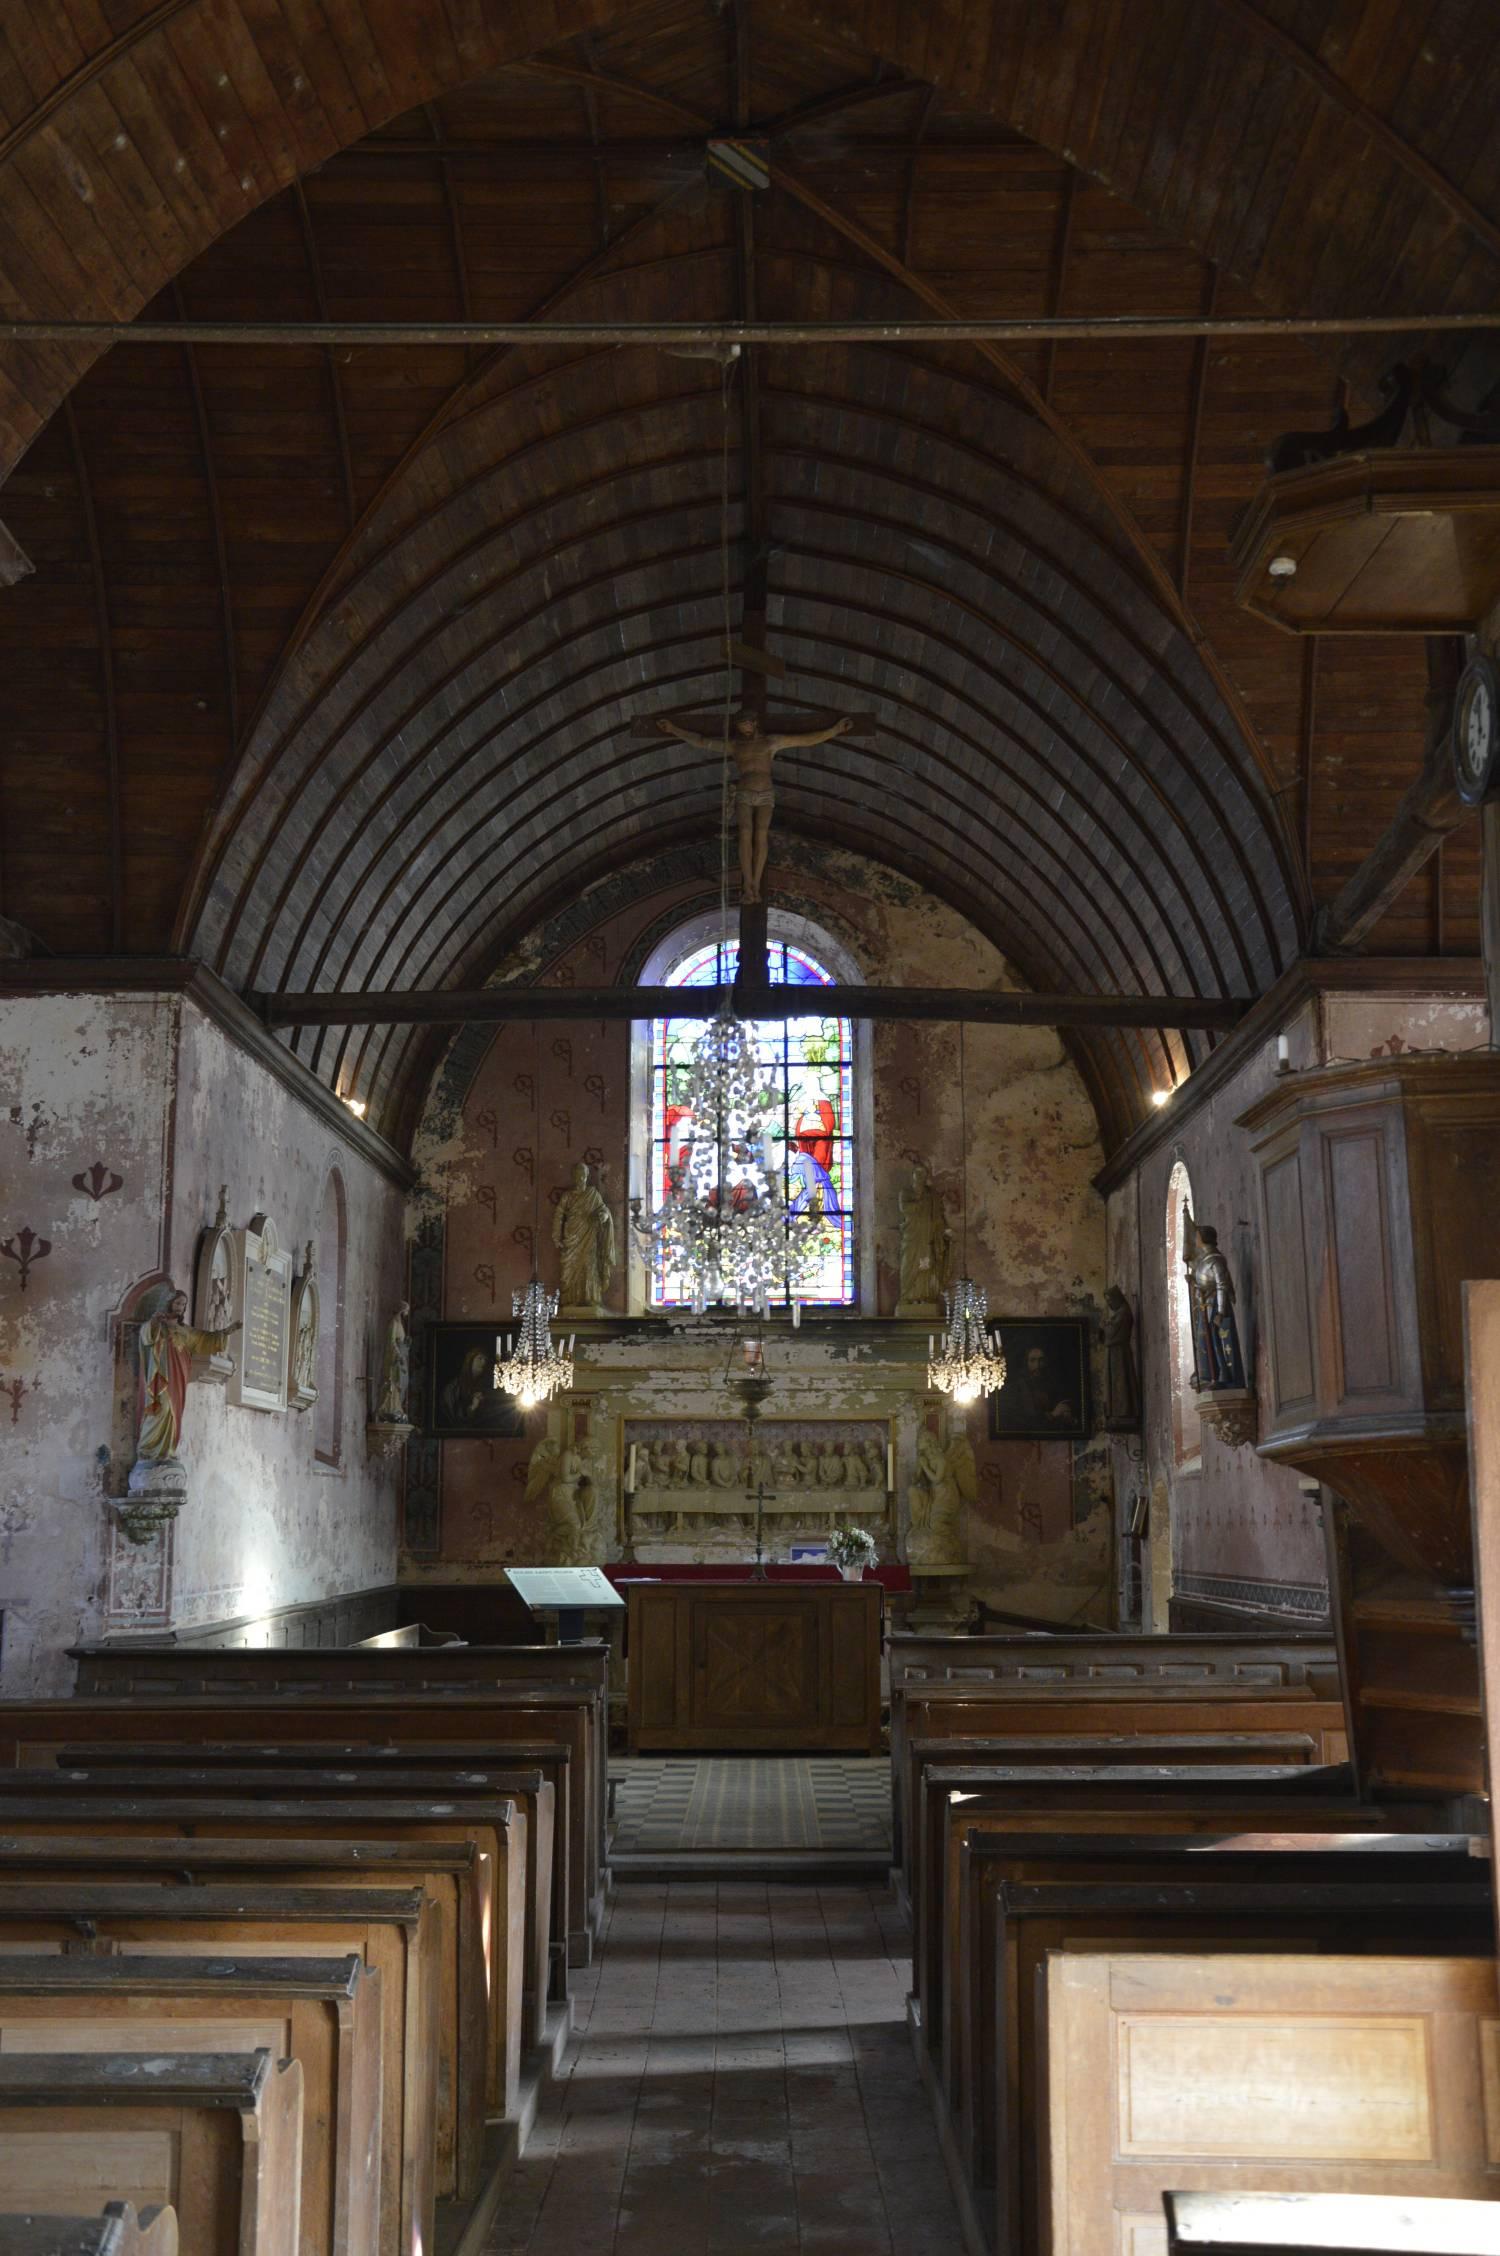 Eglise Saint-Julien-le-Pauvre, Bernay-Neuvy-en-Champagne